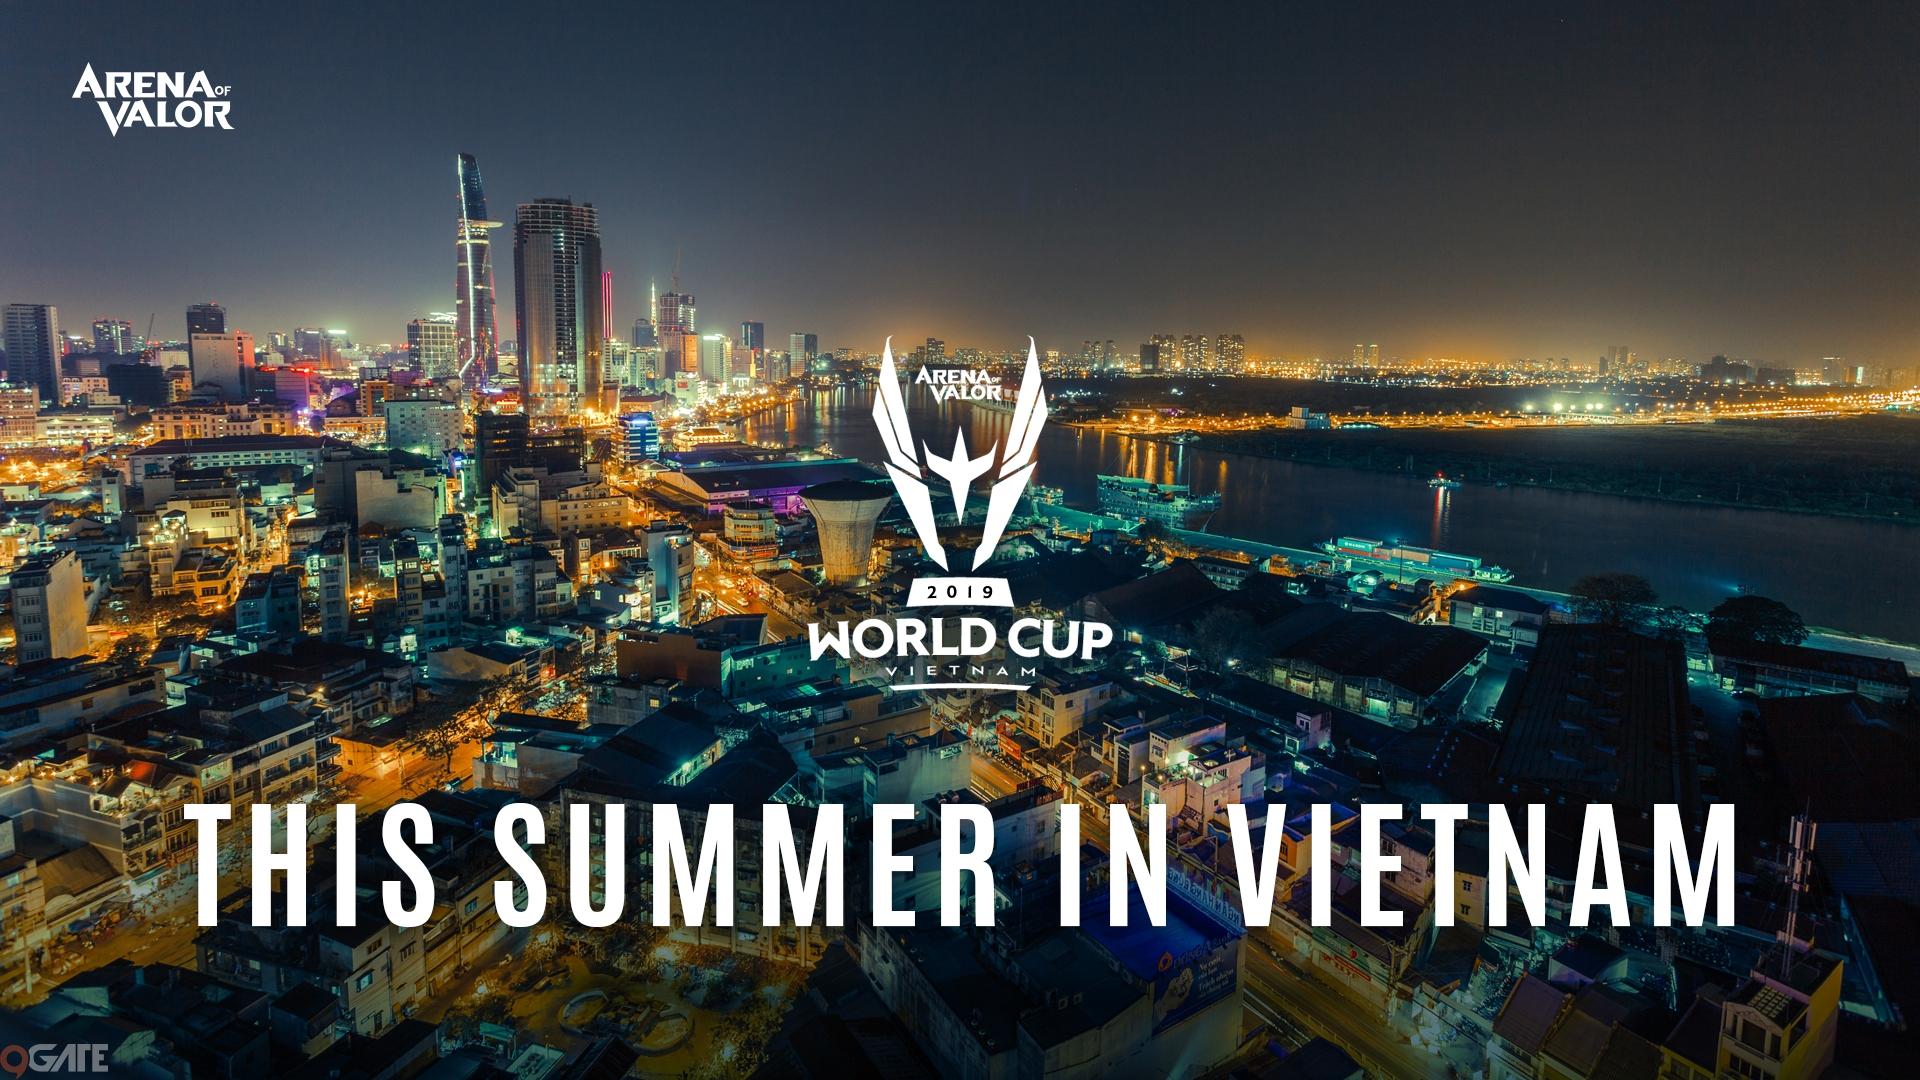 Cùng nhìn lại những sự kiện ấn tượng nhất của nền eSports Việt Nam năm 2019